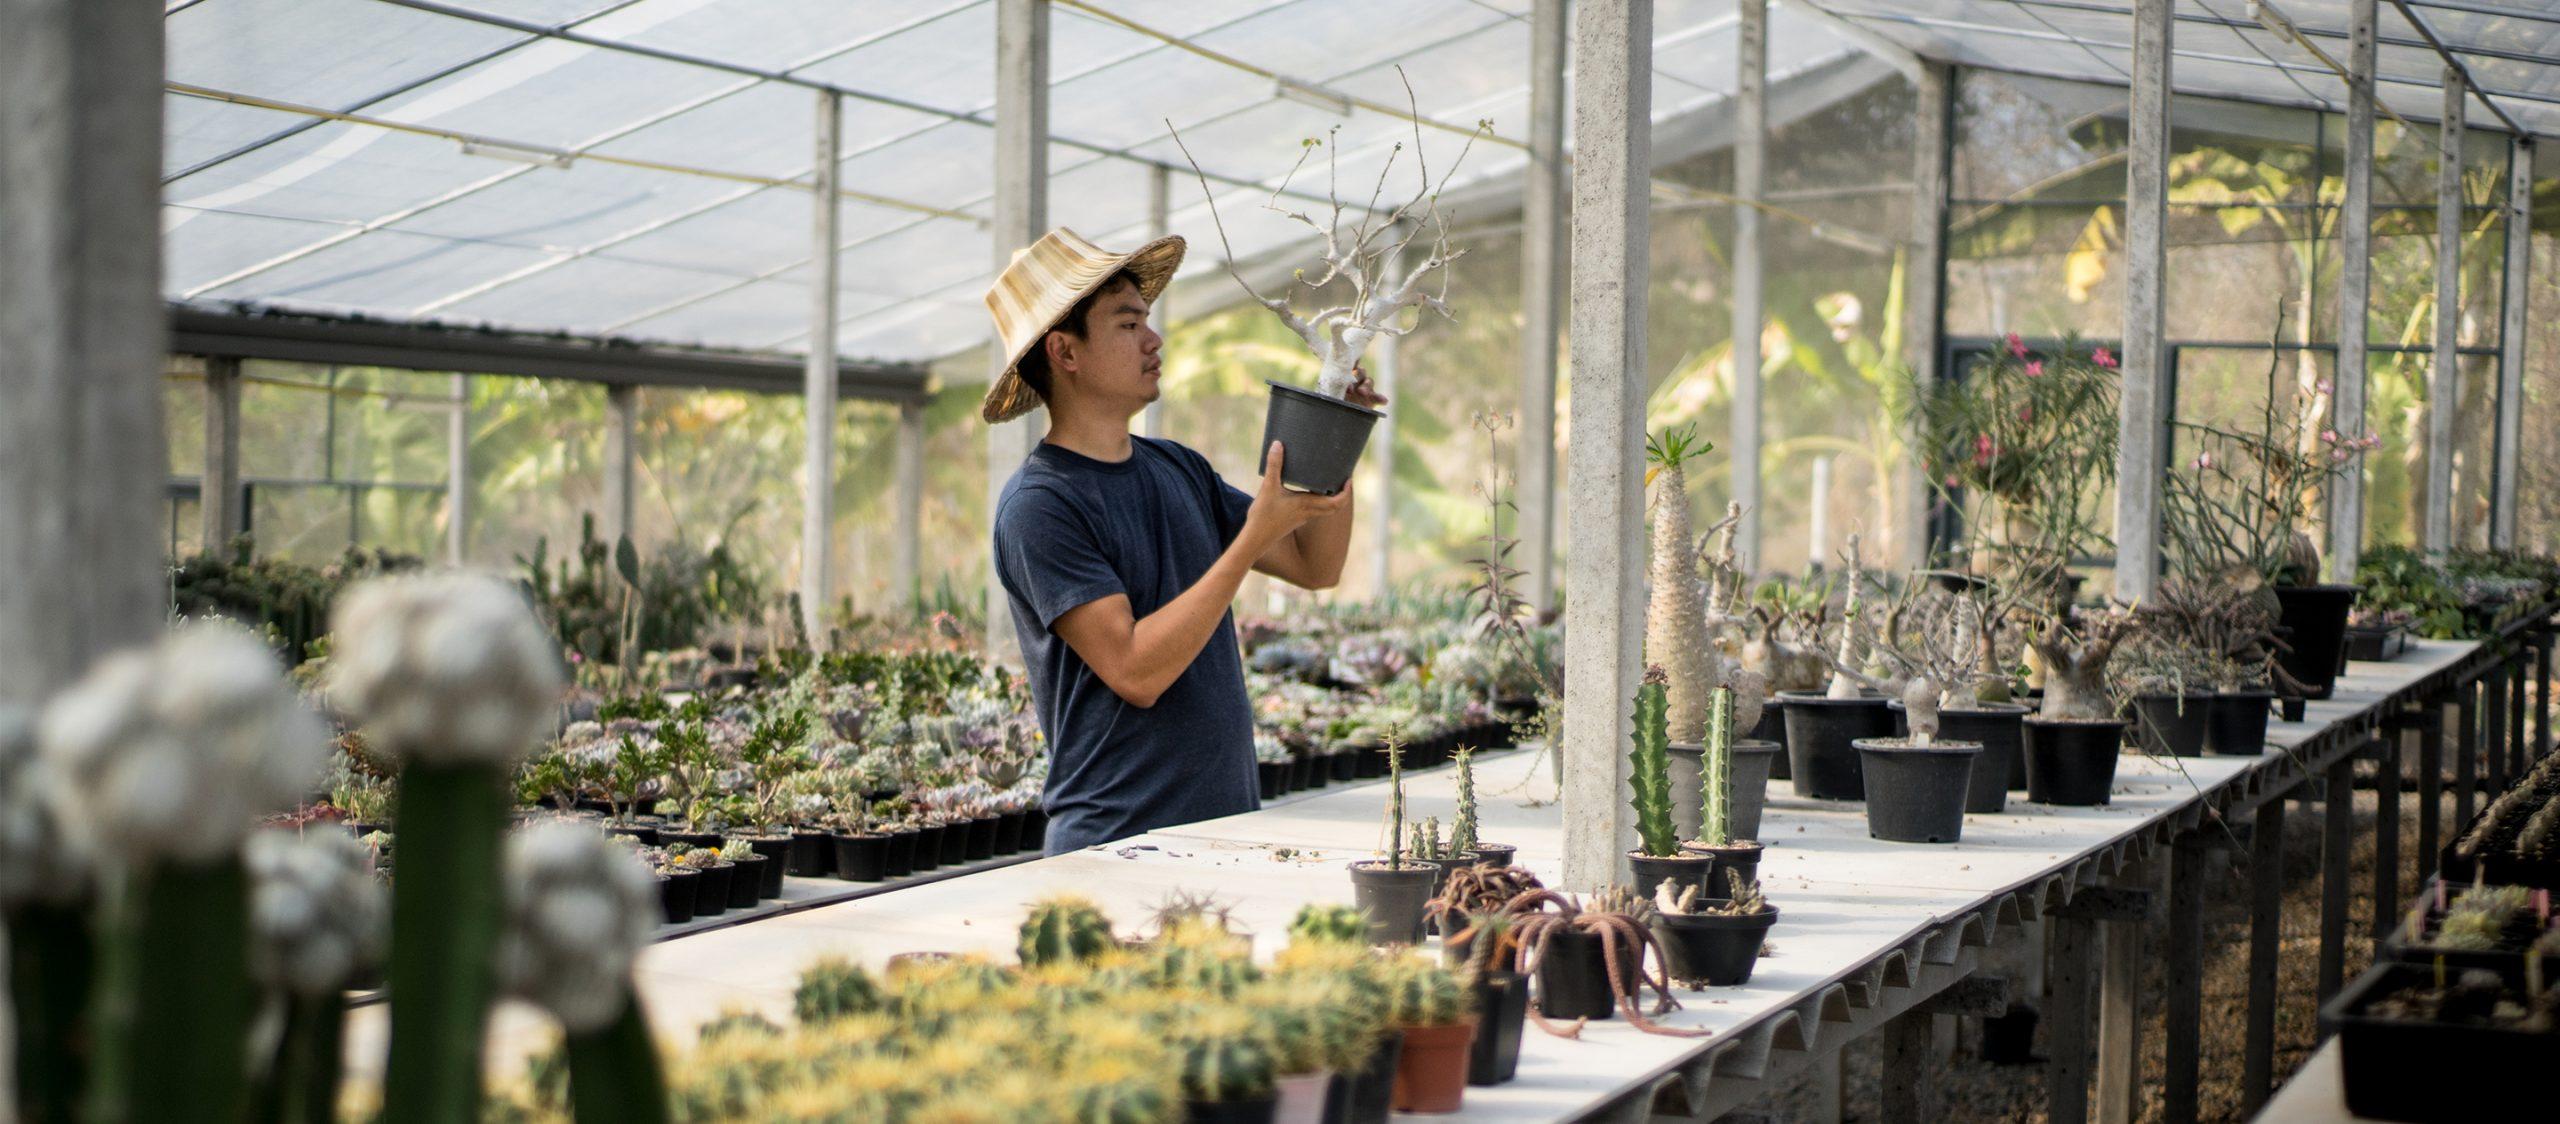 2Bees Garden : สวนเพาะเลี้ยงพืชอวบน้ำของพระเอกภาพยนตร์มหา'ลัยเหมืองแร่